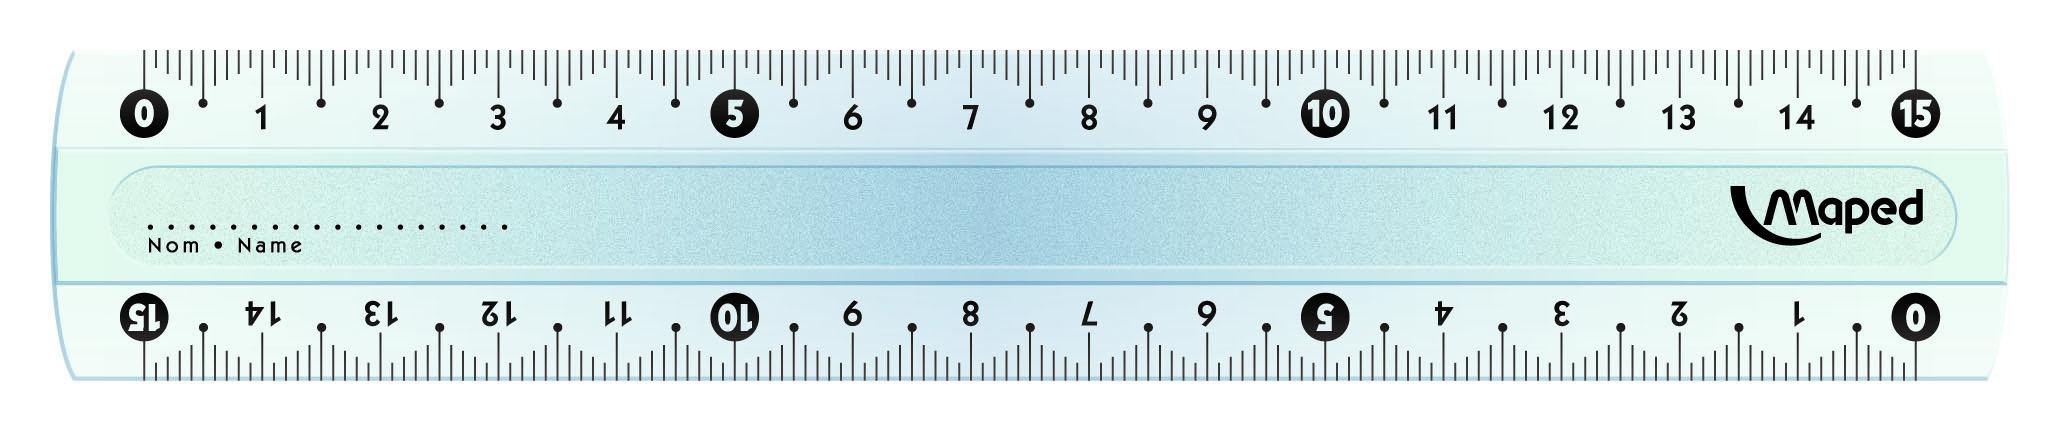 Maped Линейка Start цвет прозрачный 15 см146507Линейка Maped используется как традиционный инструмент для черчения и рисования полей в школьных тетрадях.Изделие выполнено из небьющегося пластика (в случае использования по назначению). Градуировка нанесена УФ-чернилами, которые не сотрутся при длительном использовании.